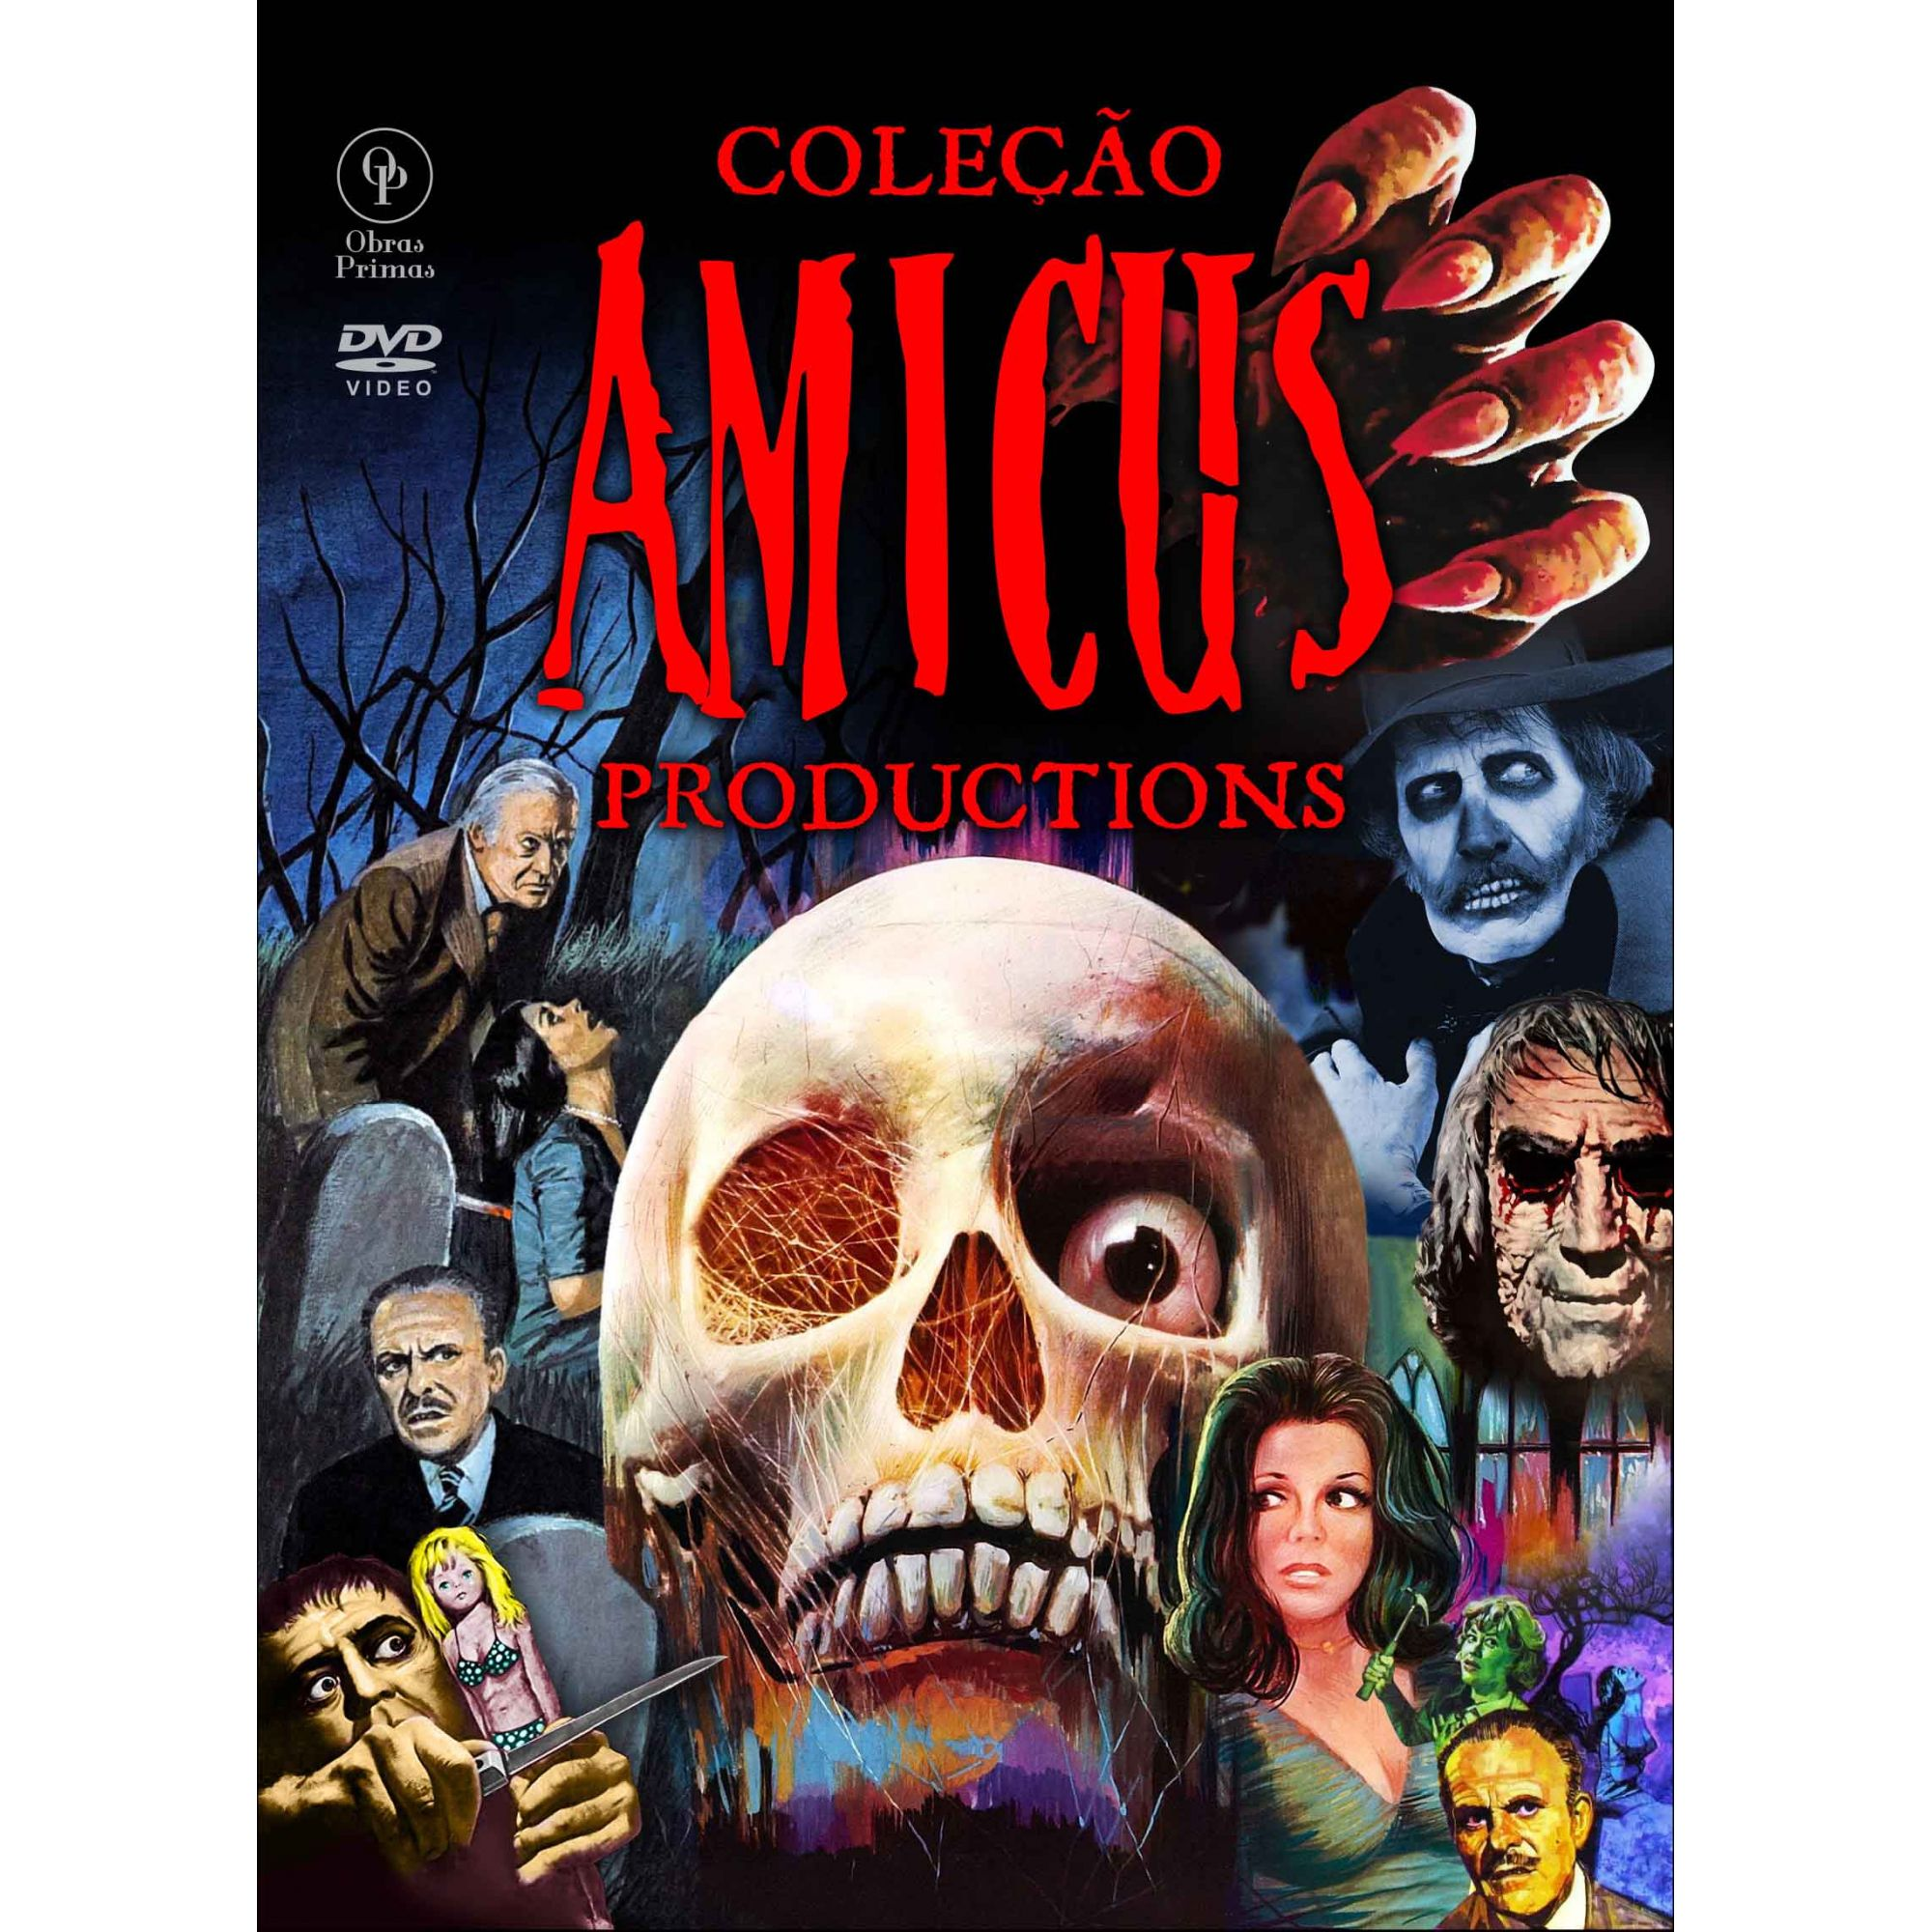 COLEÇÃO AMICUS PRODUCTIONS